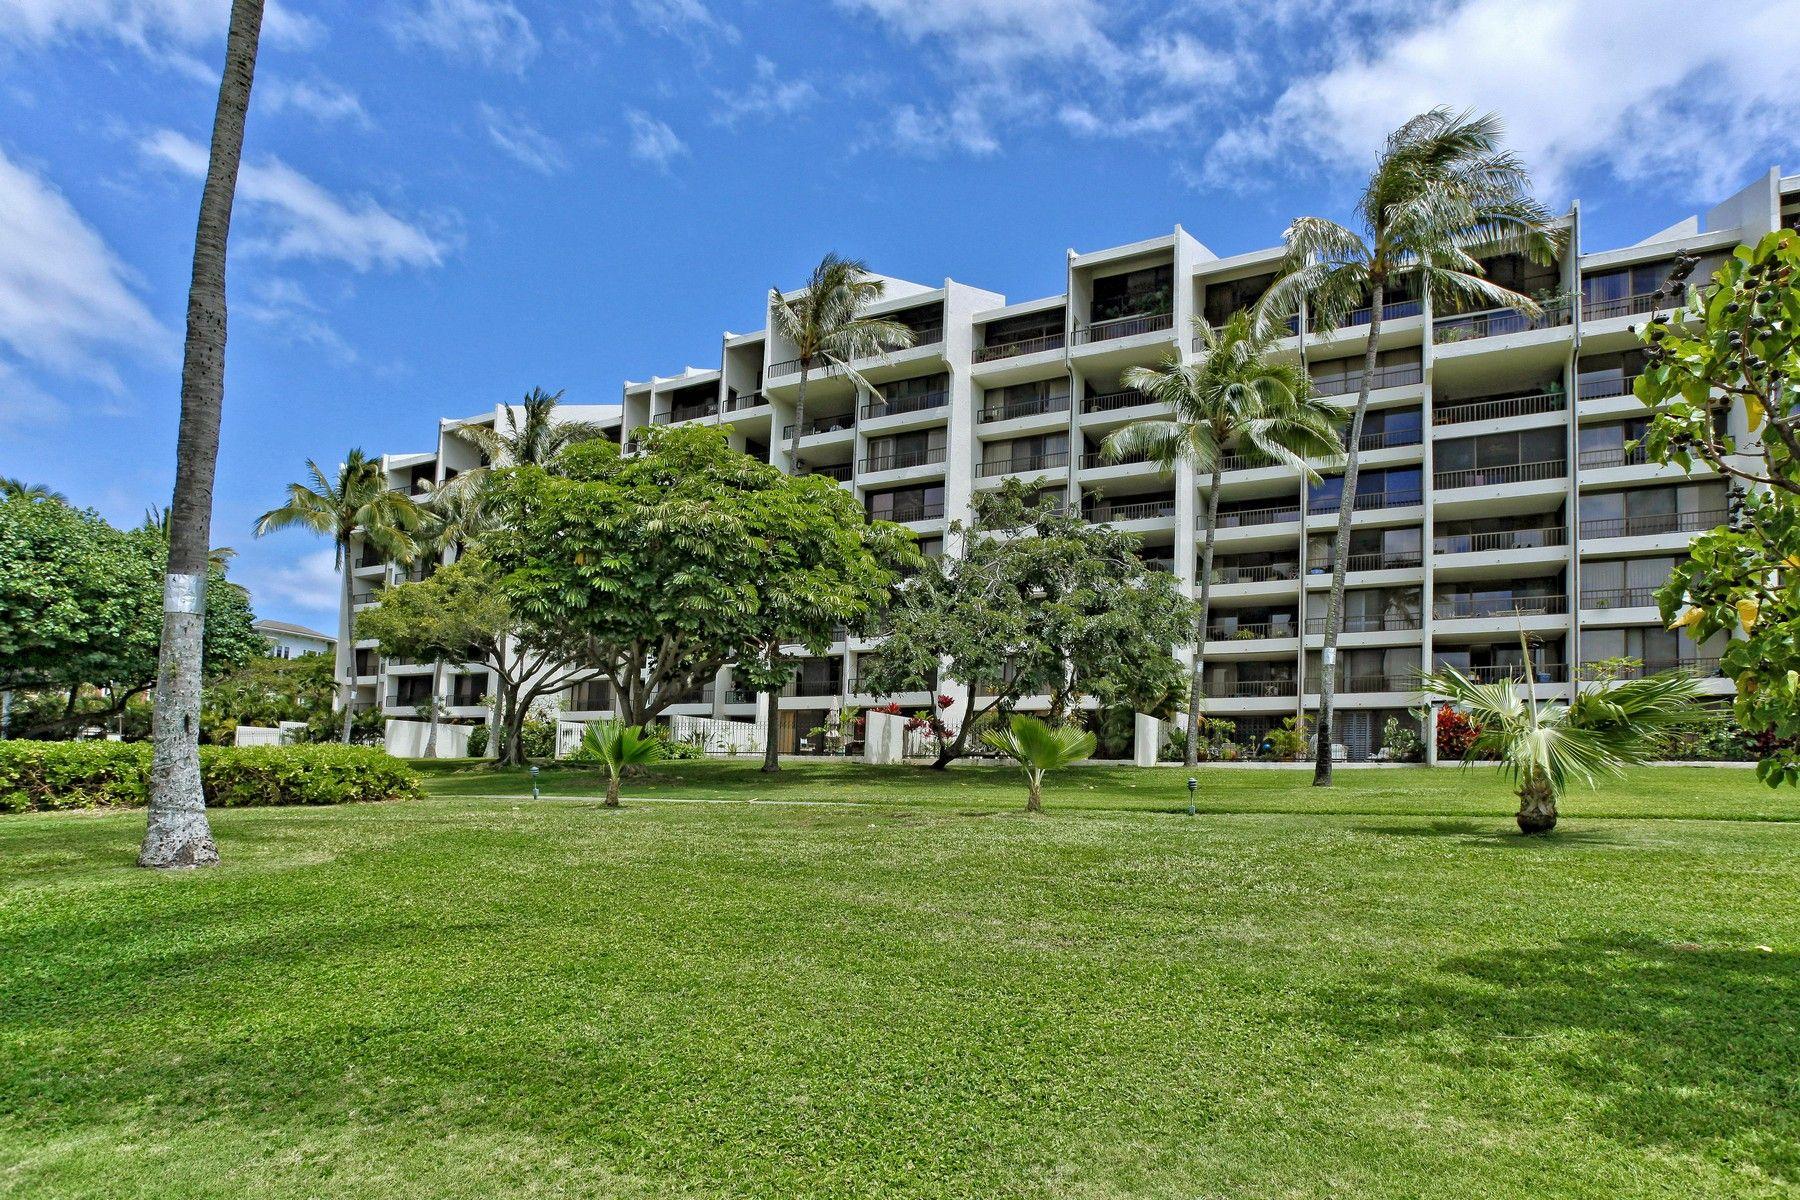 Beautiful hawaii kai condo 22 call ann cuseo 8082635900